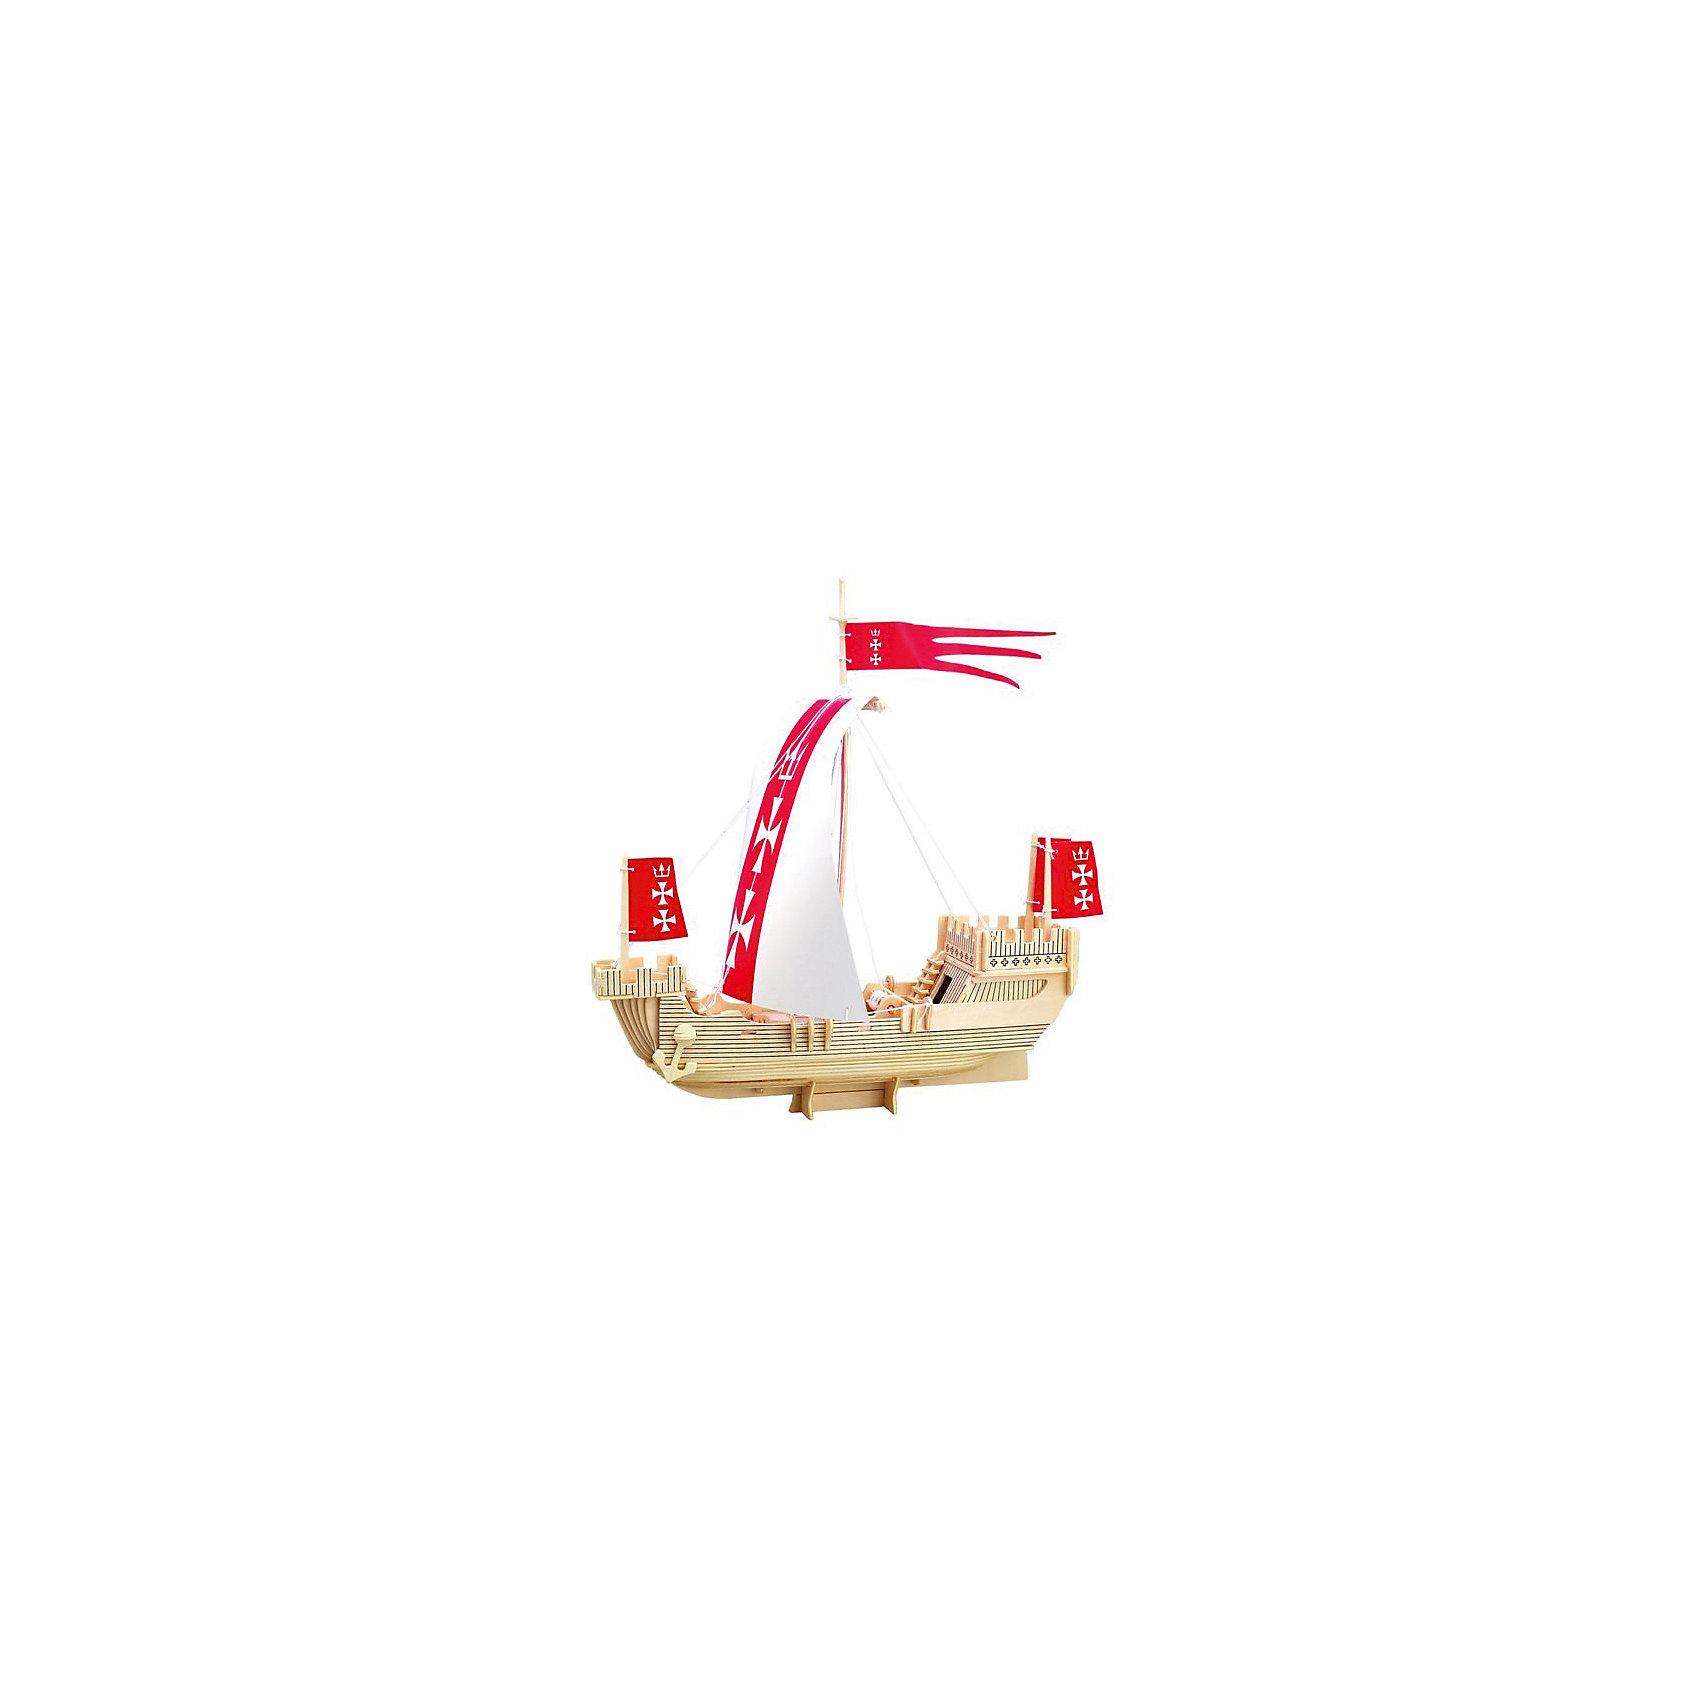 Корабль Ганзейского союза, Мир деревянных игрушекРукоделие<br>Порадовать творческого ребенка - легко! Закажите для него этот набор, из которого можно самому сделать красивую деревянную фигуру! Для этого нужно выдавить из пластины с деталями элементы для сборки и соединить их. Из наборов получаются красивые очень реалистичные игрушки, которые могут стать украшением комнаты.<br>Собирая их, ребенок будет развивать пространственное мышление, память и мелкую моторику. А раскрашивая готовое произведение, дети научатся подбирать цвета и будут развивать художественные навыки. Этот набор произведен из качественных и безопасных для детей материалов - дерево тщательно обработано.<br><br>Дополнительная информация:<br><br>материал: дерево;<br>цвет: бежевый;<br>элементы: пластины с деталями для сборки, схема сборки;<br>размер упаковки: 23 х 37 см.<br><br>3D-пазл Корабль Ганзейского союза от бренда Мир деревянных игрушек можно купить в нашем магазине.<br><br>Ширина мм: 350<br>Глубина мм: 50<br>Высота мм: 225<br>Вес г: 450<br>Возраст от месяцев: 36<br>Возраст до месяцев: 144<br>Пол: Унисекс<br>Возраст: Детский<br>SKU: 4969237